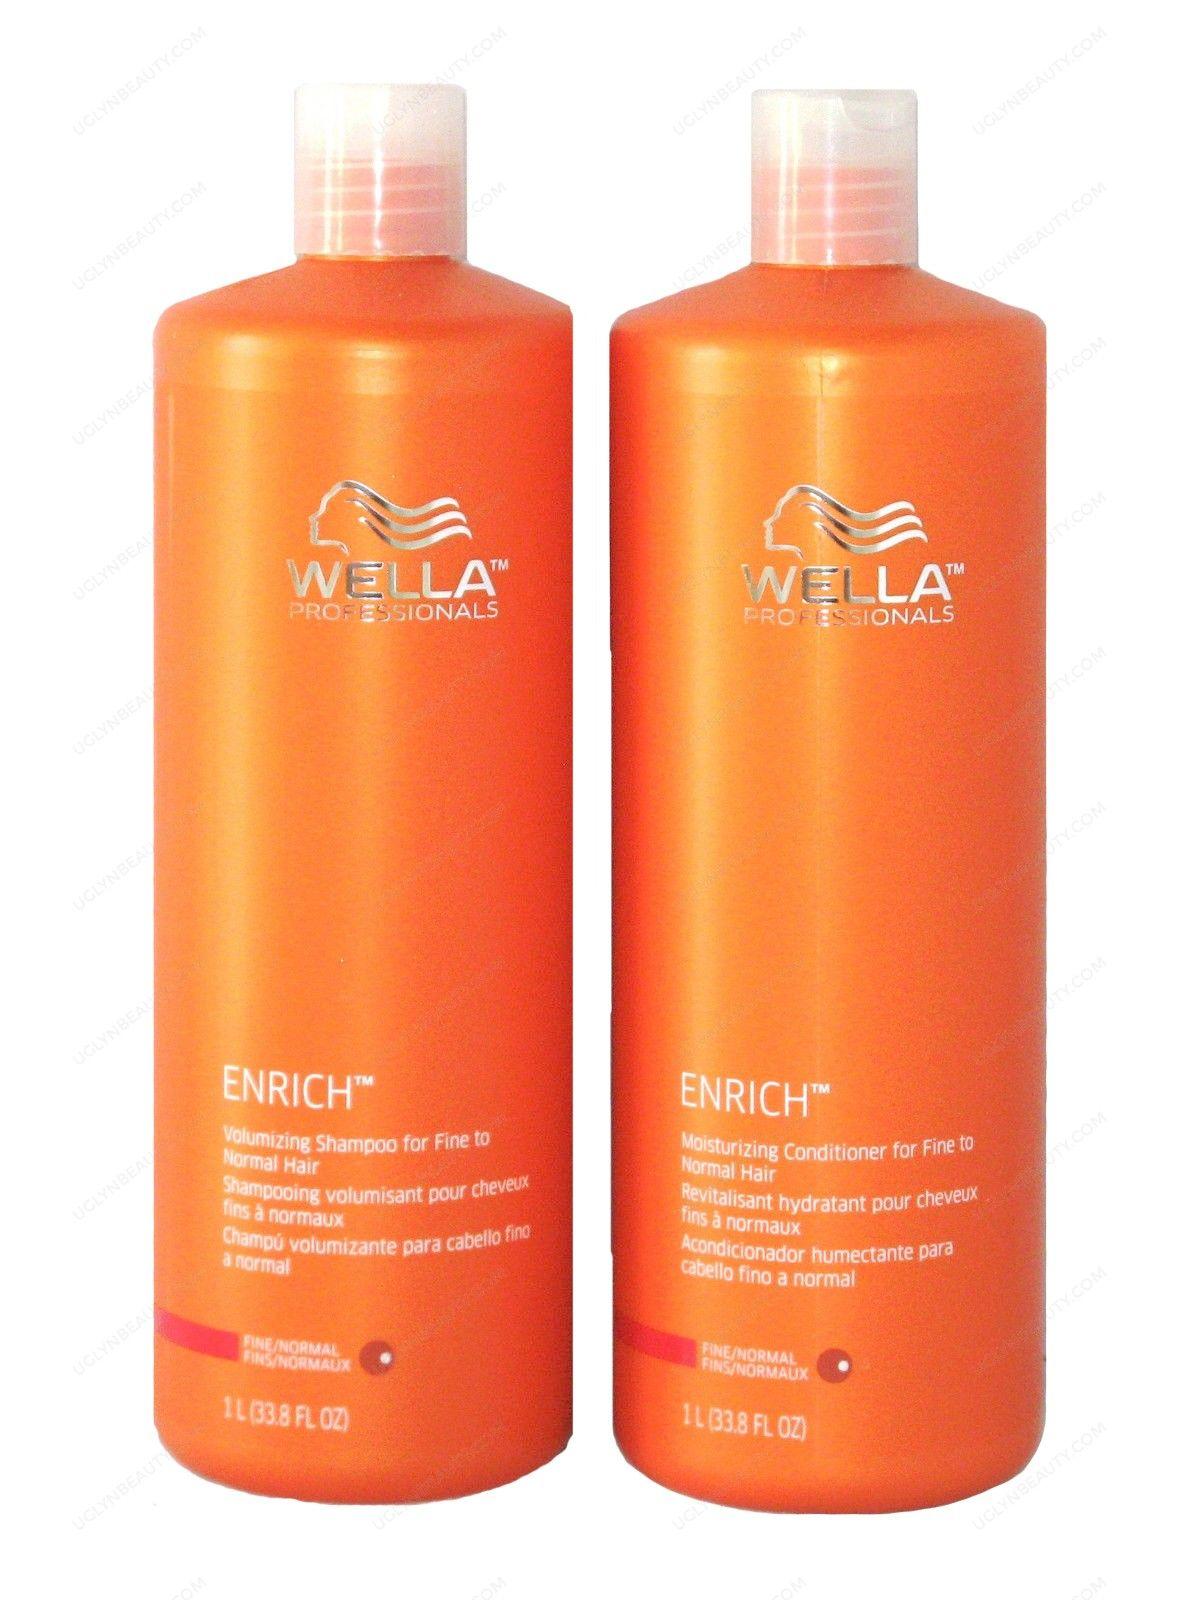 Wella Enrich Moisturizing Shampoo Conditioner for Coarse